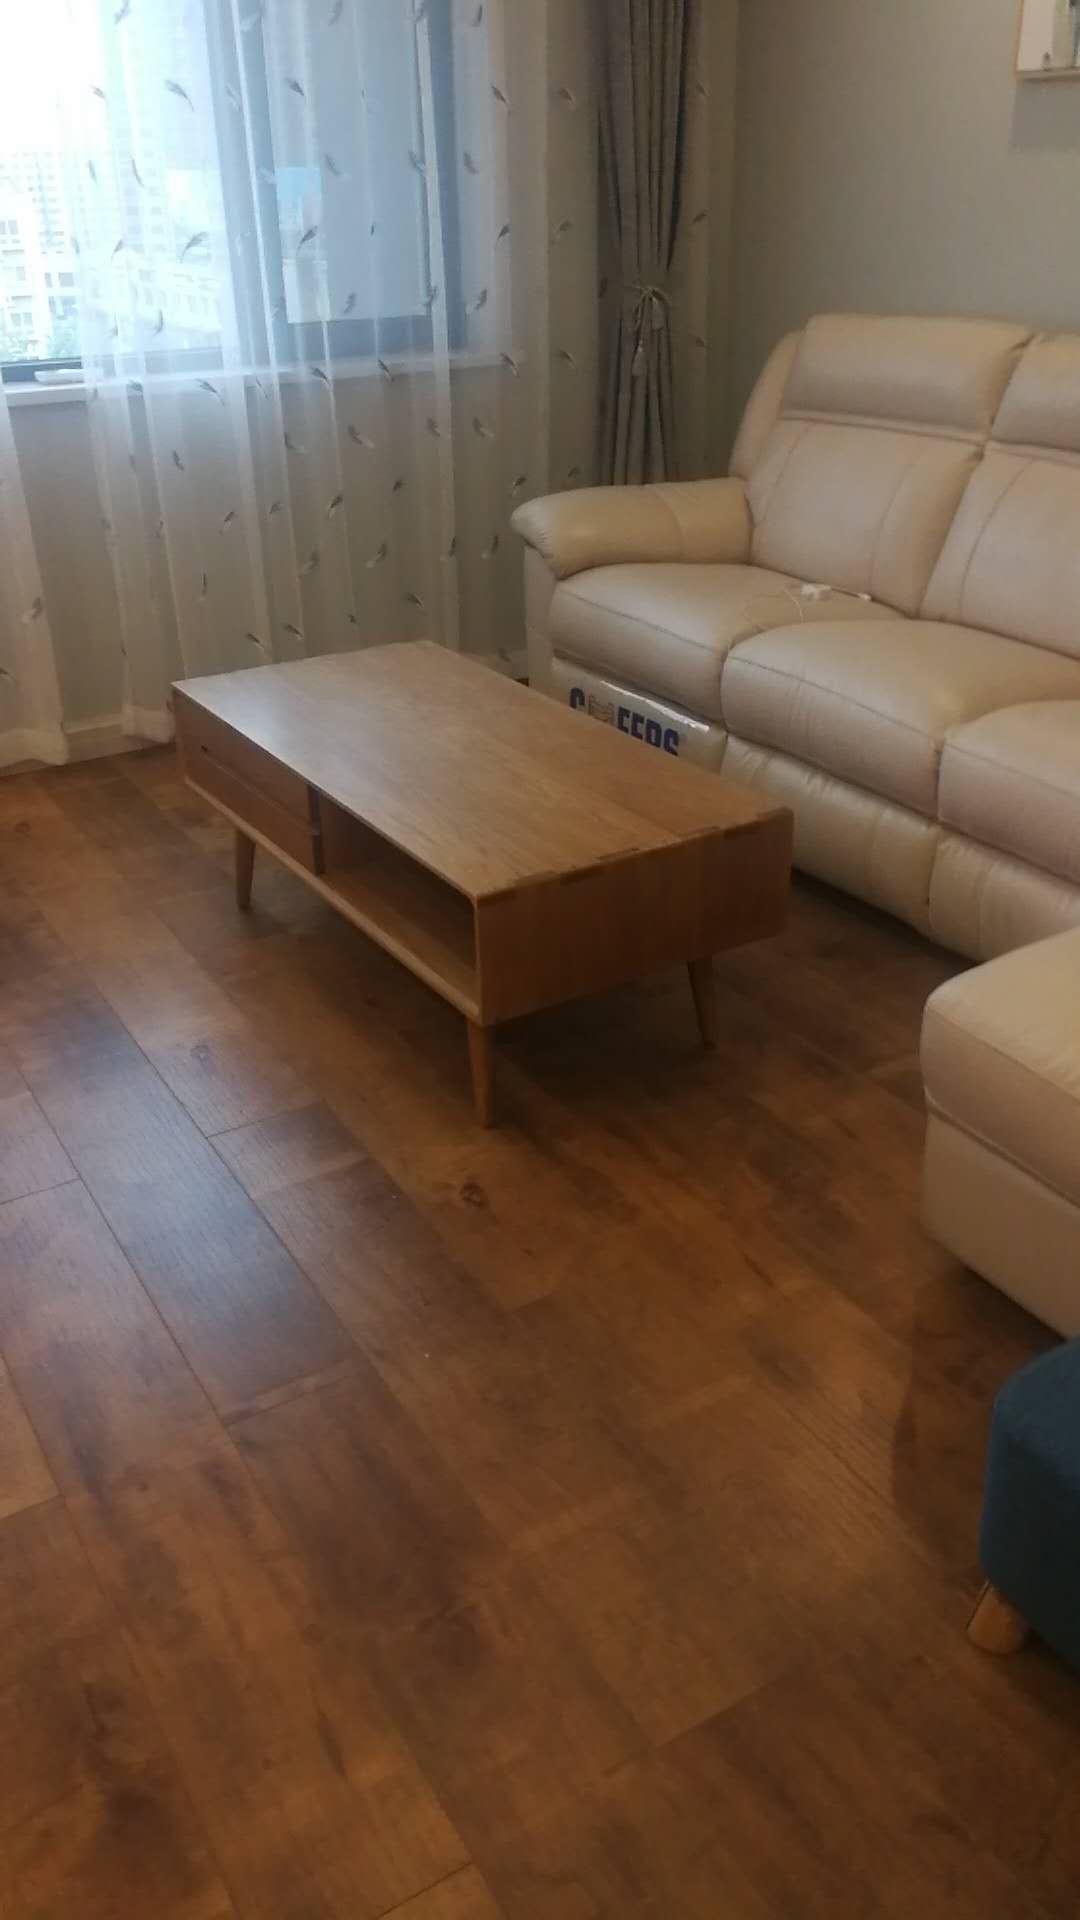 入手评论一下原始原素SLS-电视柜+茶几客厅成套家具怎样,购买后评测点评分享!